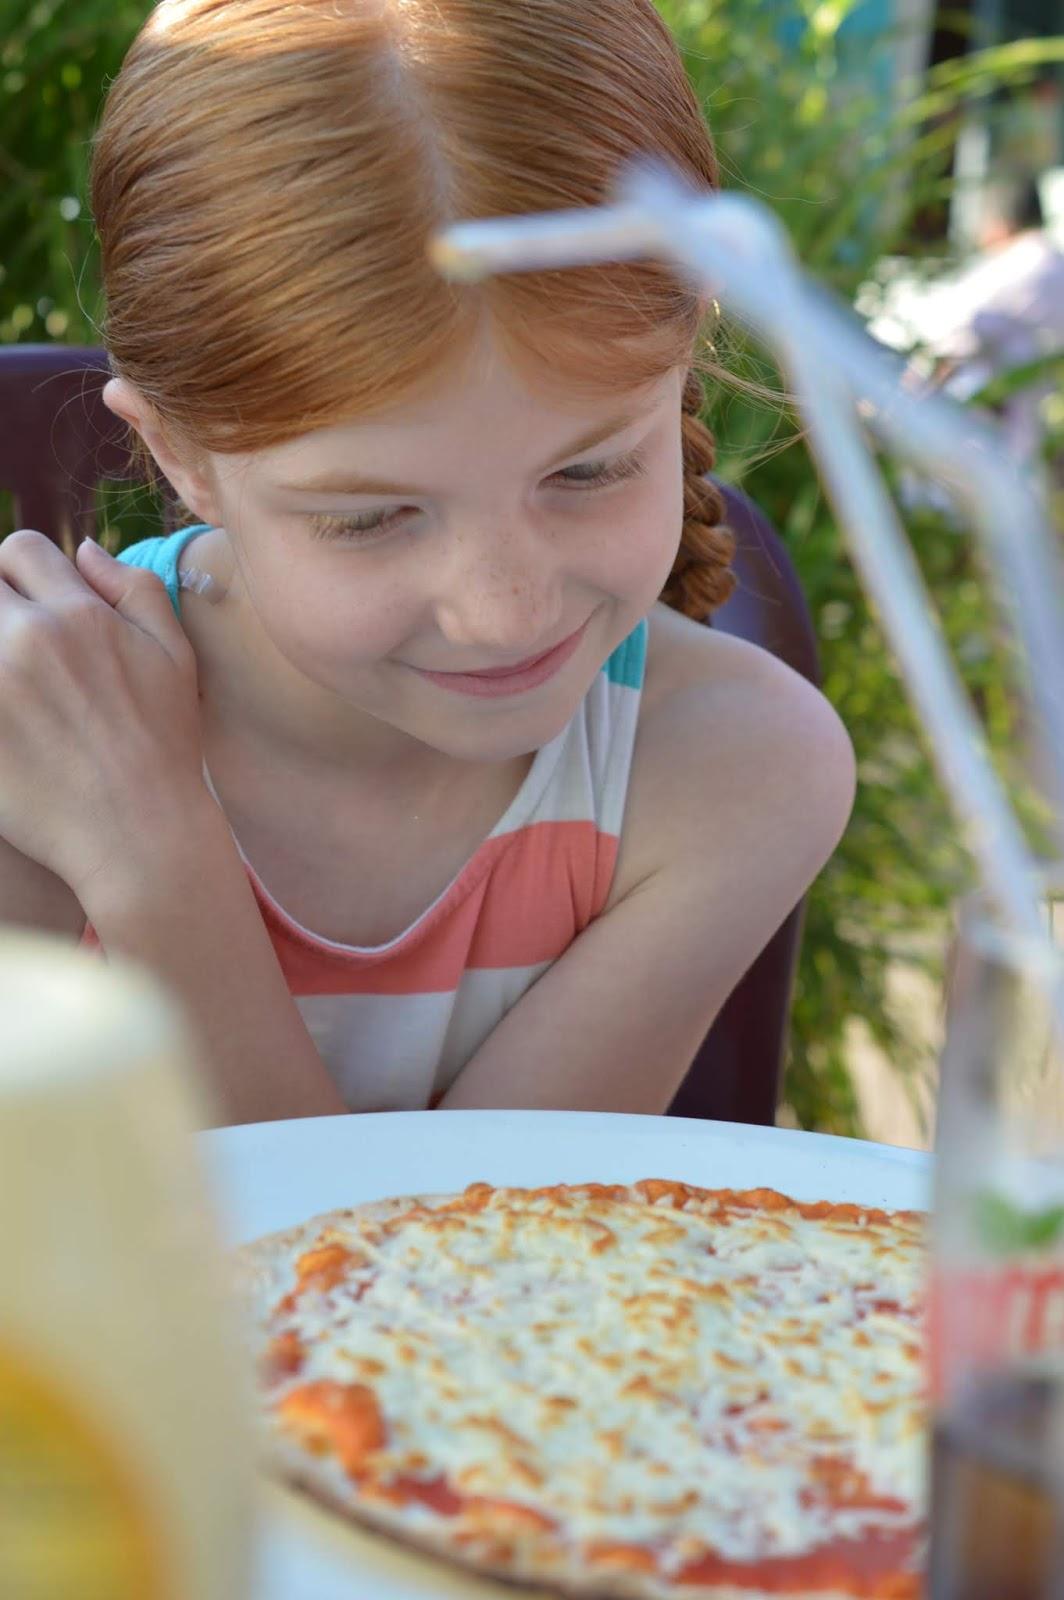 Les Ecureuils Campsite, Vendee - A Eurocamp Site near Puy du Fou (Full Review) - kids pizza